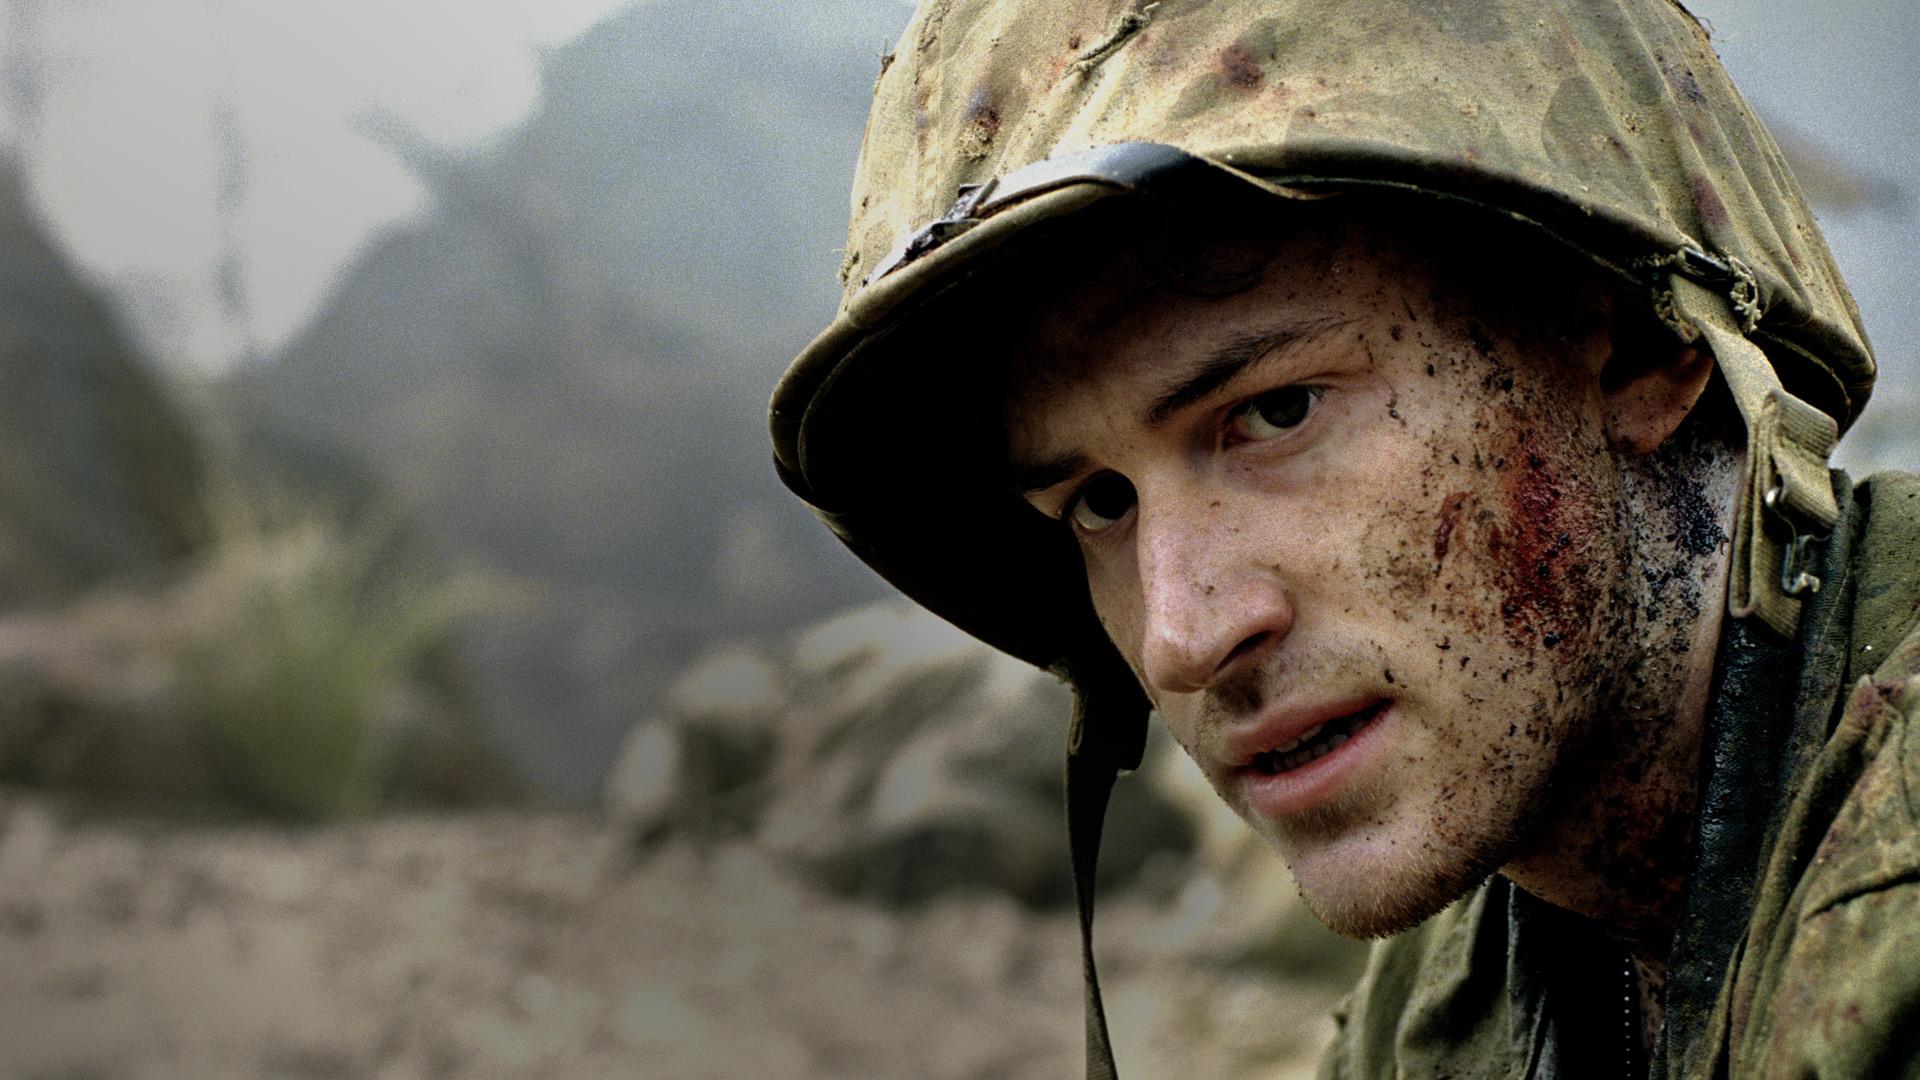 Wallpaper Soldier, The Pacific TV series, Joseph Mazzello